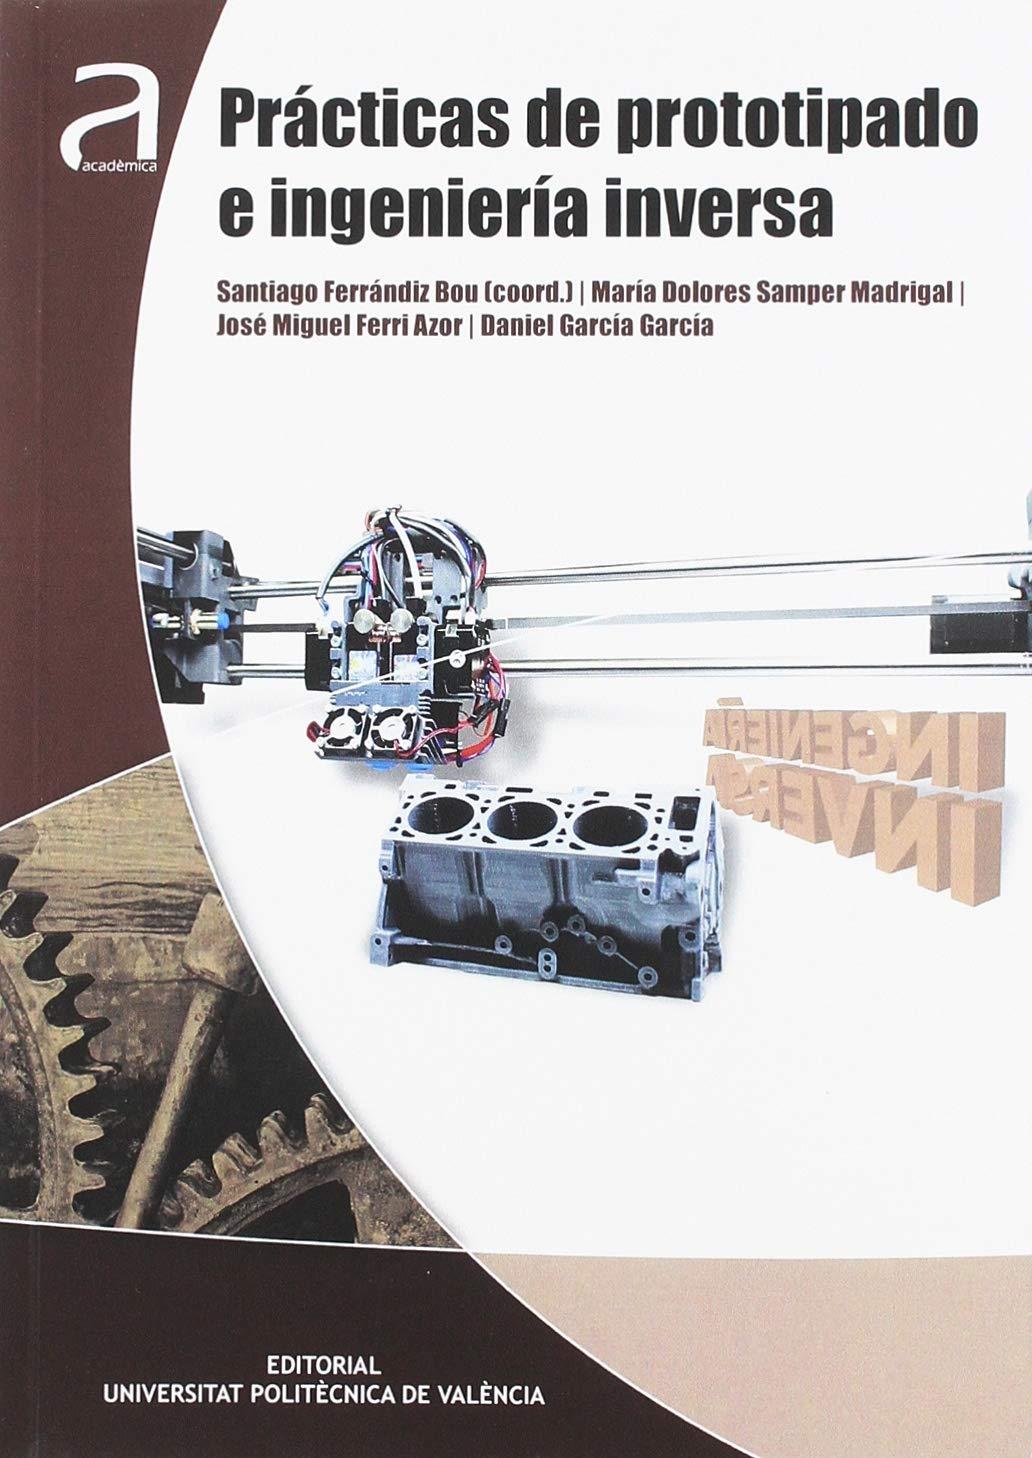 Prácticas de prototipado e ingeniería inversa Académica: Amazon.es ...